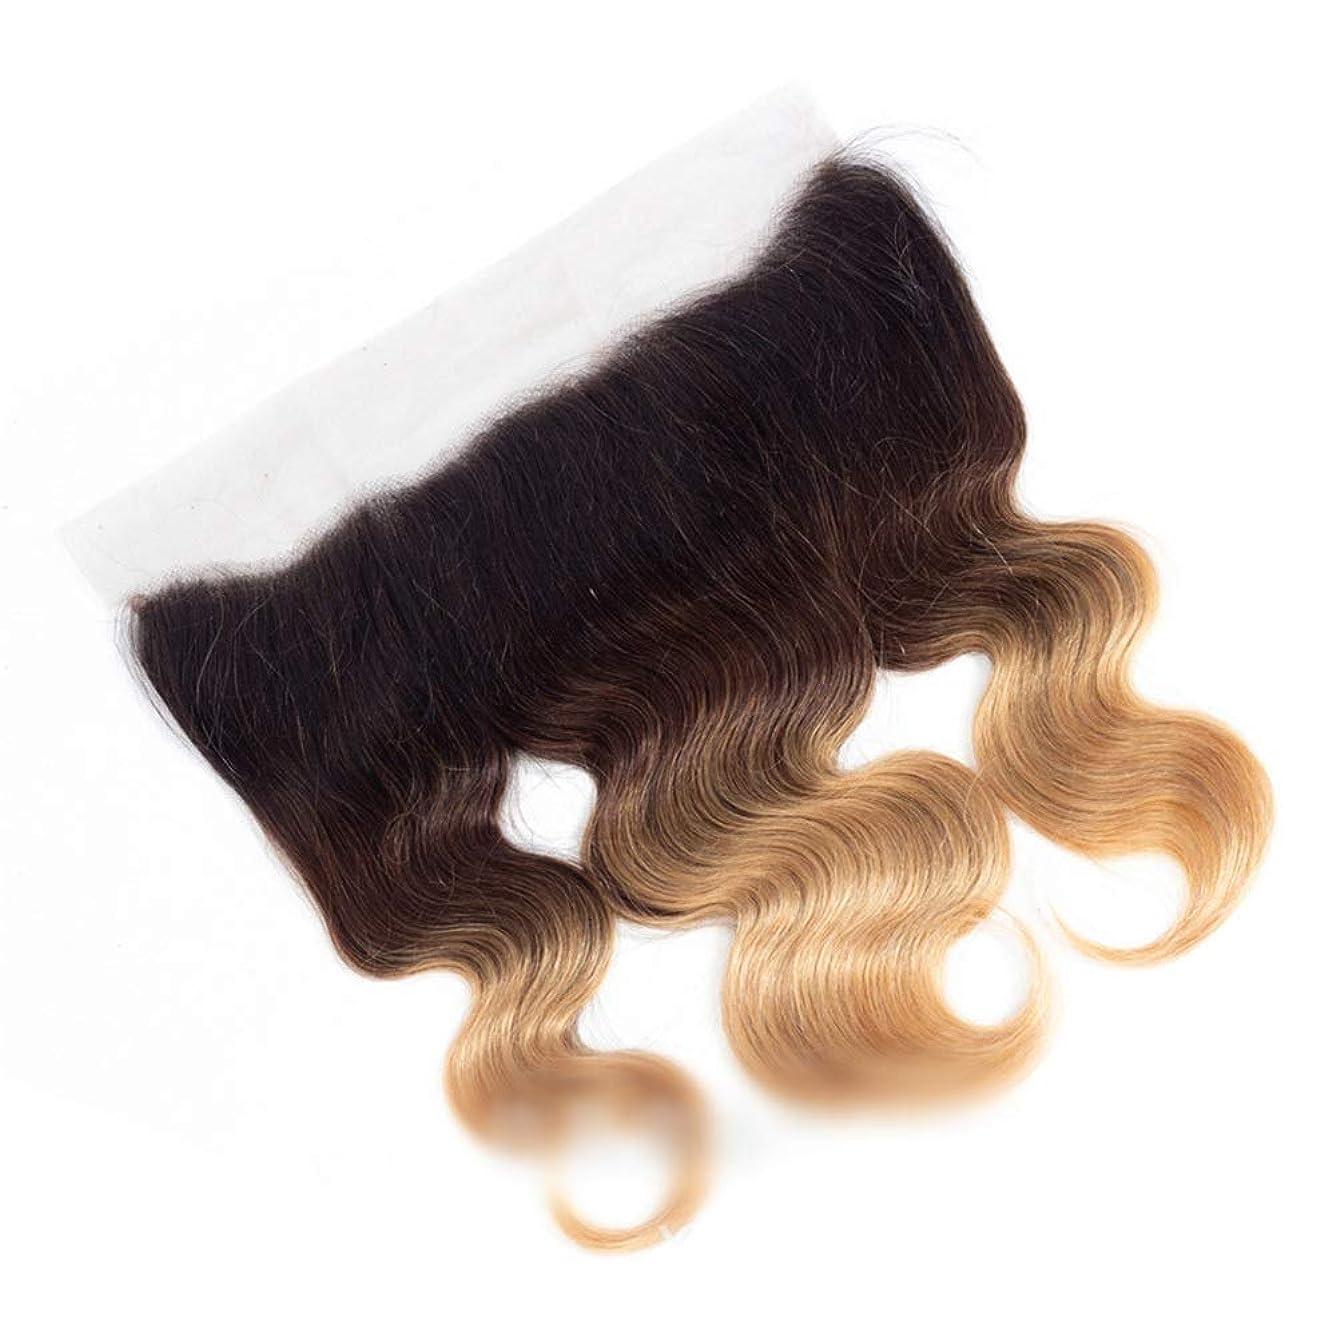 彼らは電話をかけるでもHOHYLLYA 13x4レース前頭閉鎖ブラジル実体波巻き毛100%人毛1B / 4/27 3トーンカラー女性のための短い巻き毛のかつら茶色のかつら (色 : ブラウン, サイズ : 18 inch)